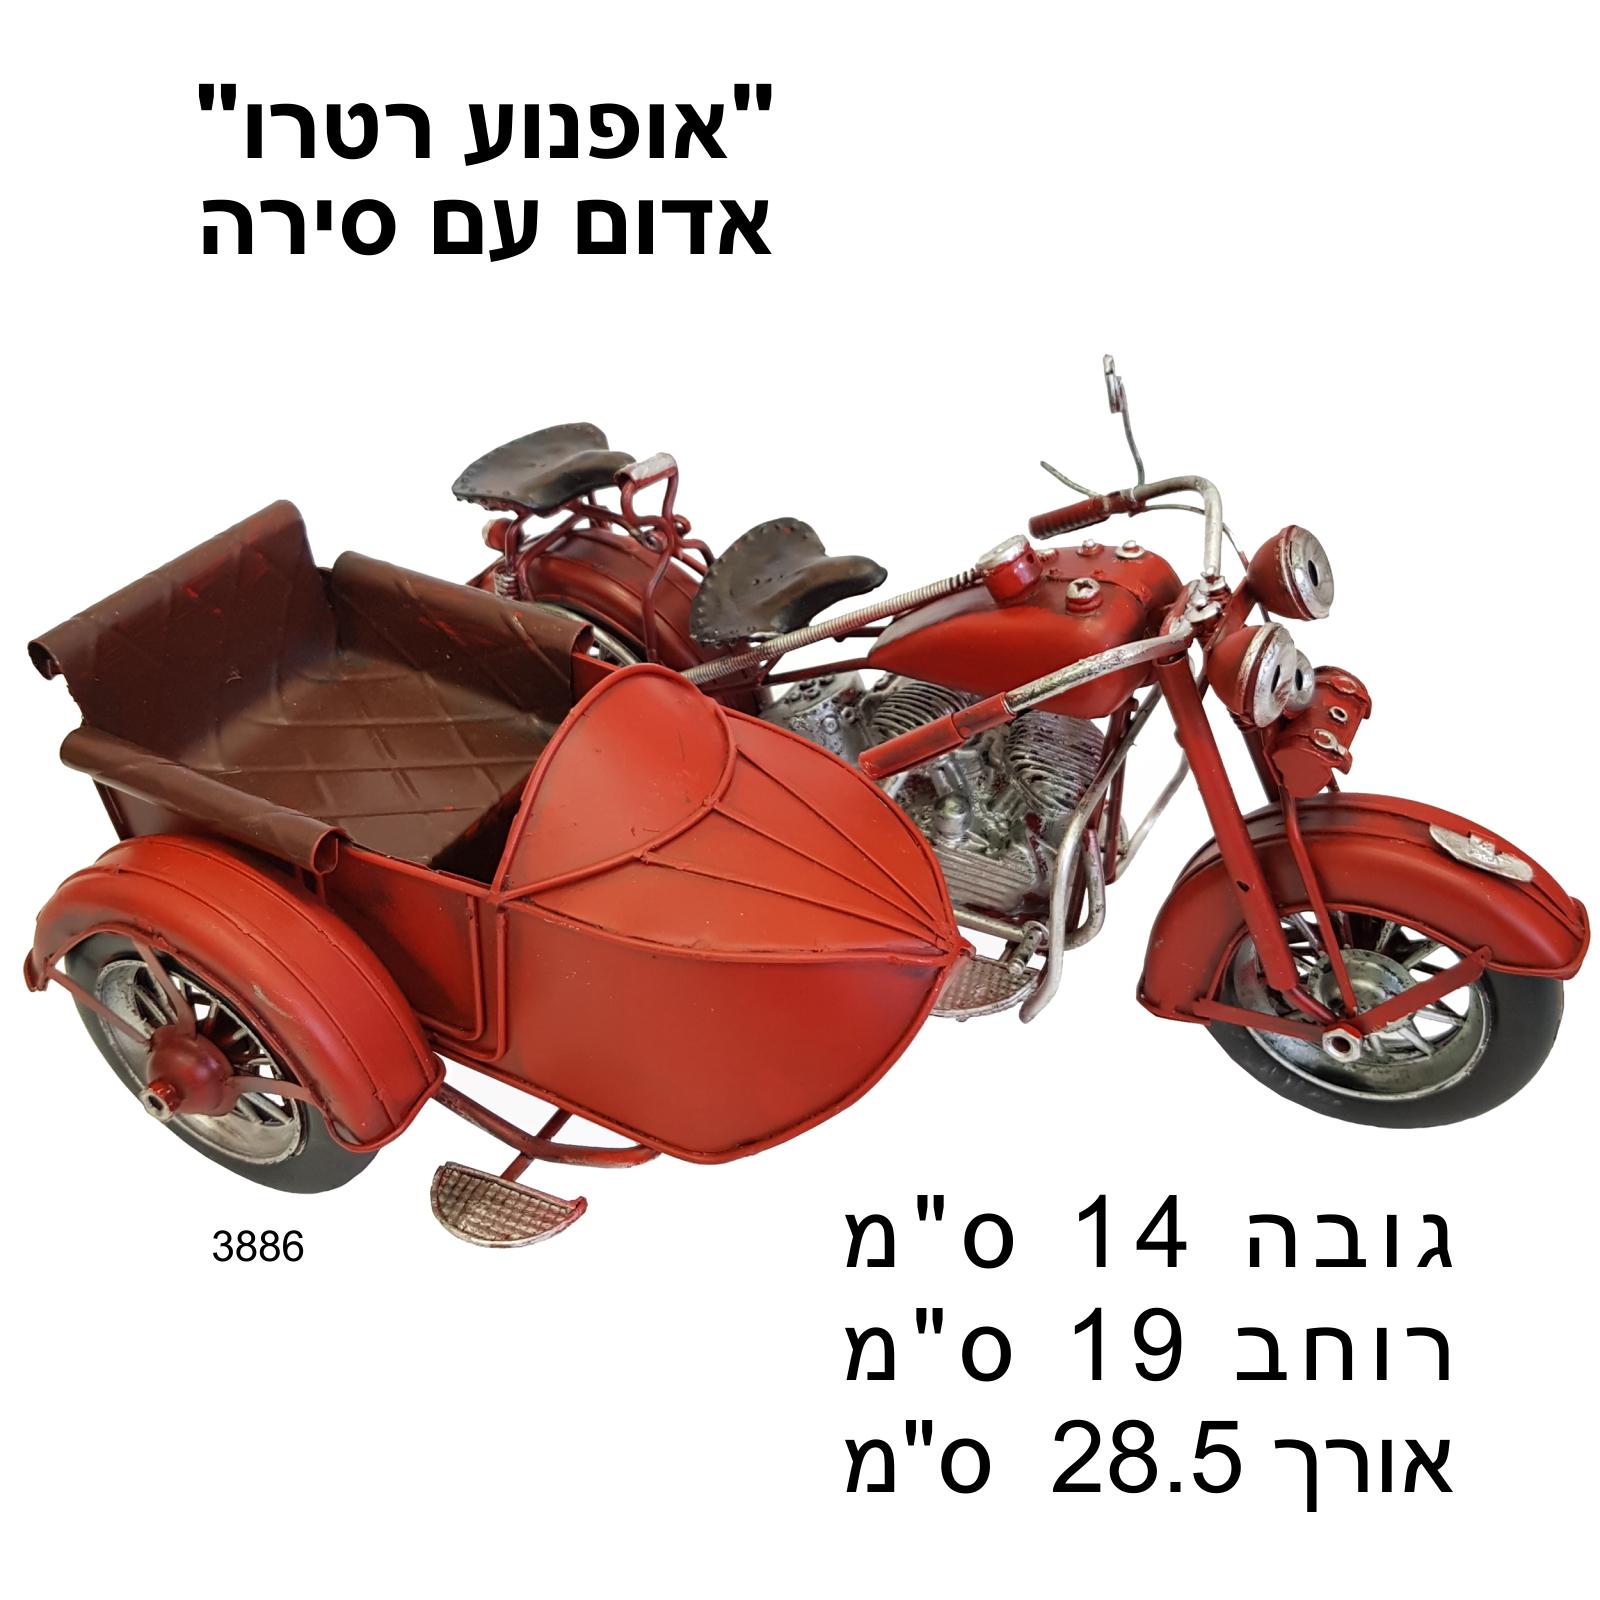 אופנוע רטרו אדום עם סירה